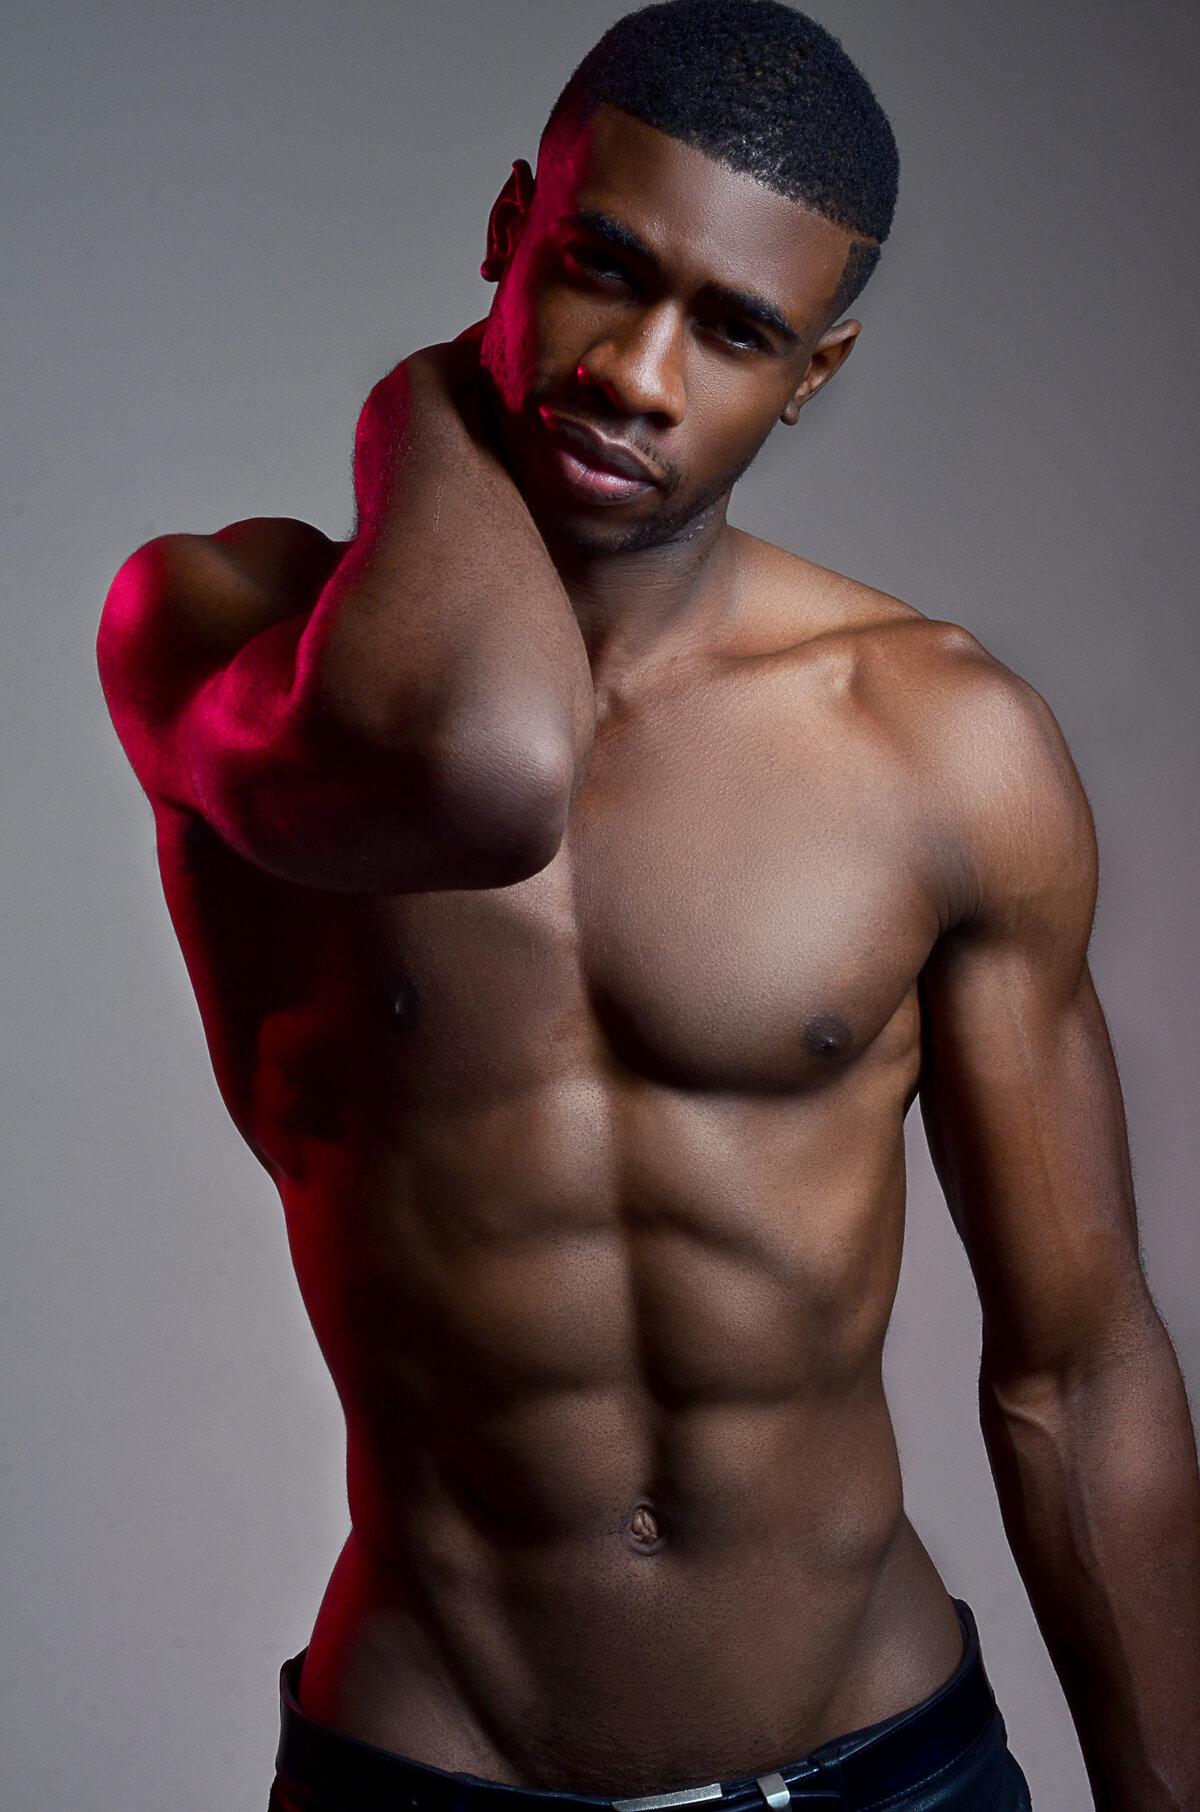 Feelings of black gay men